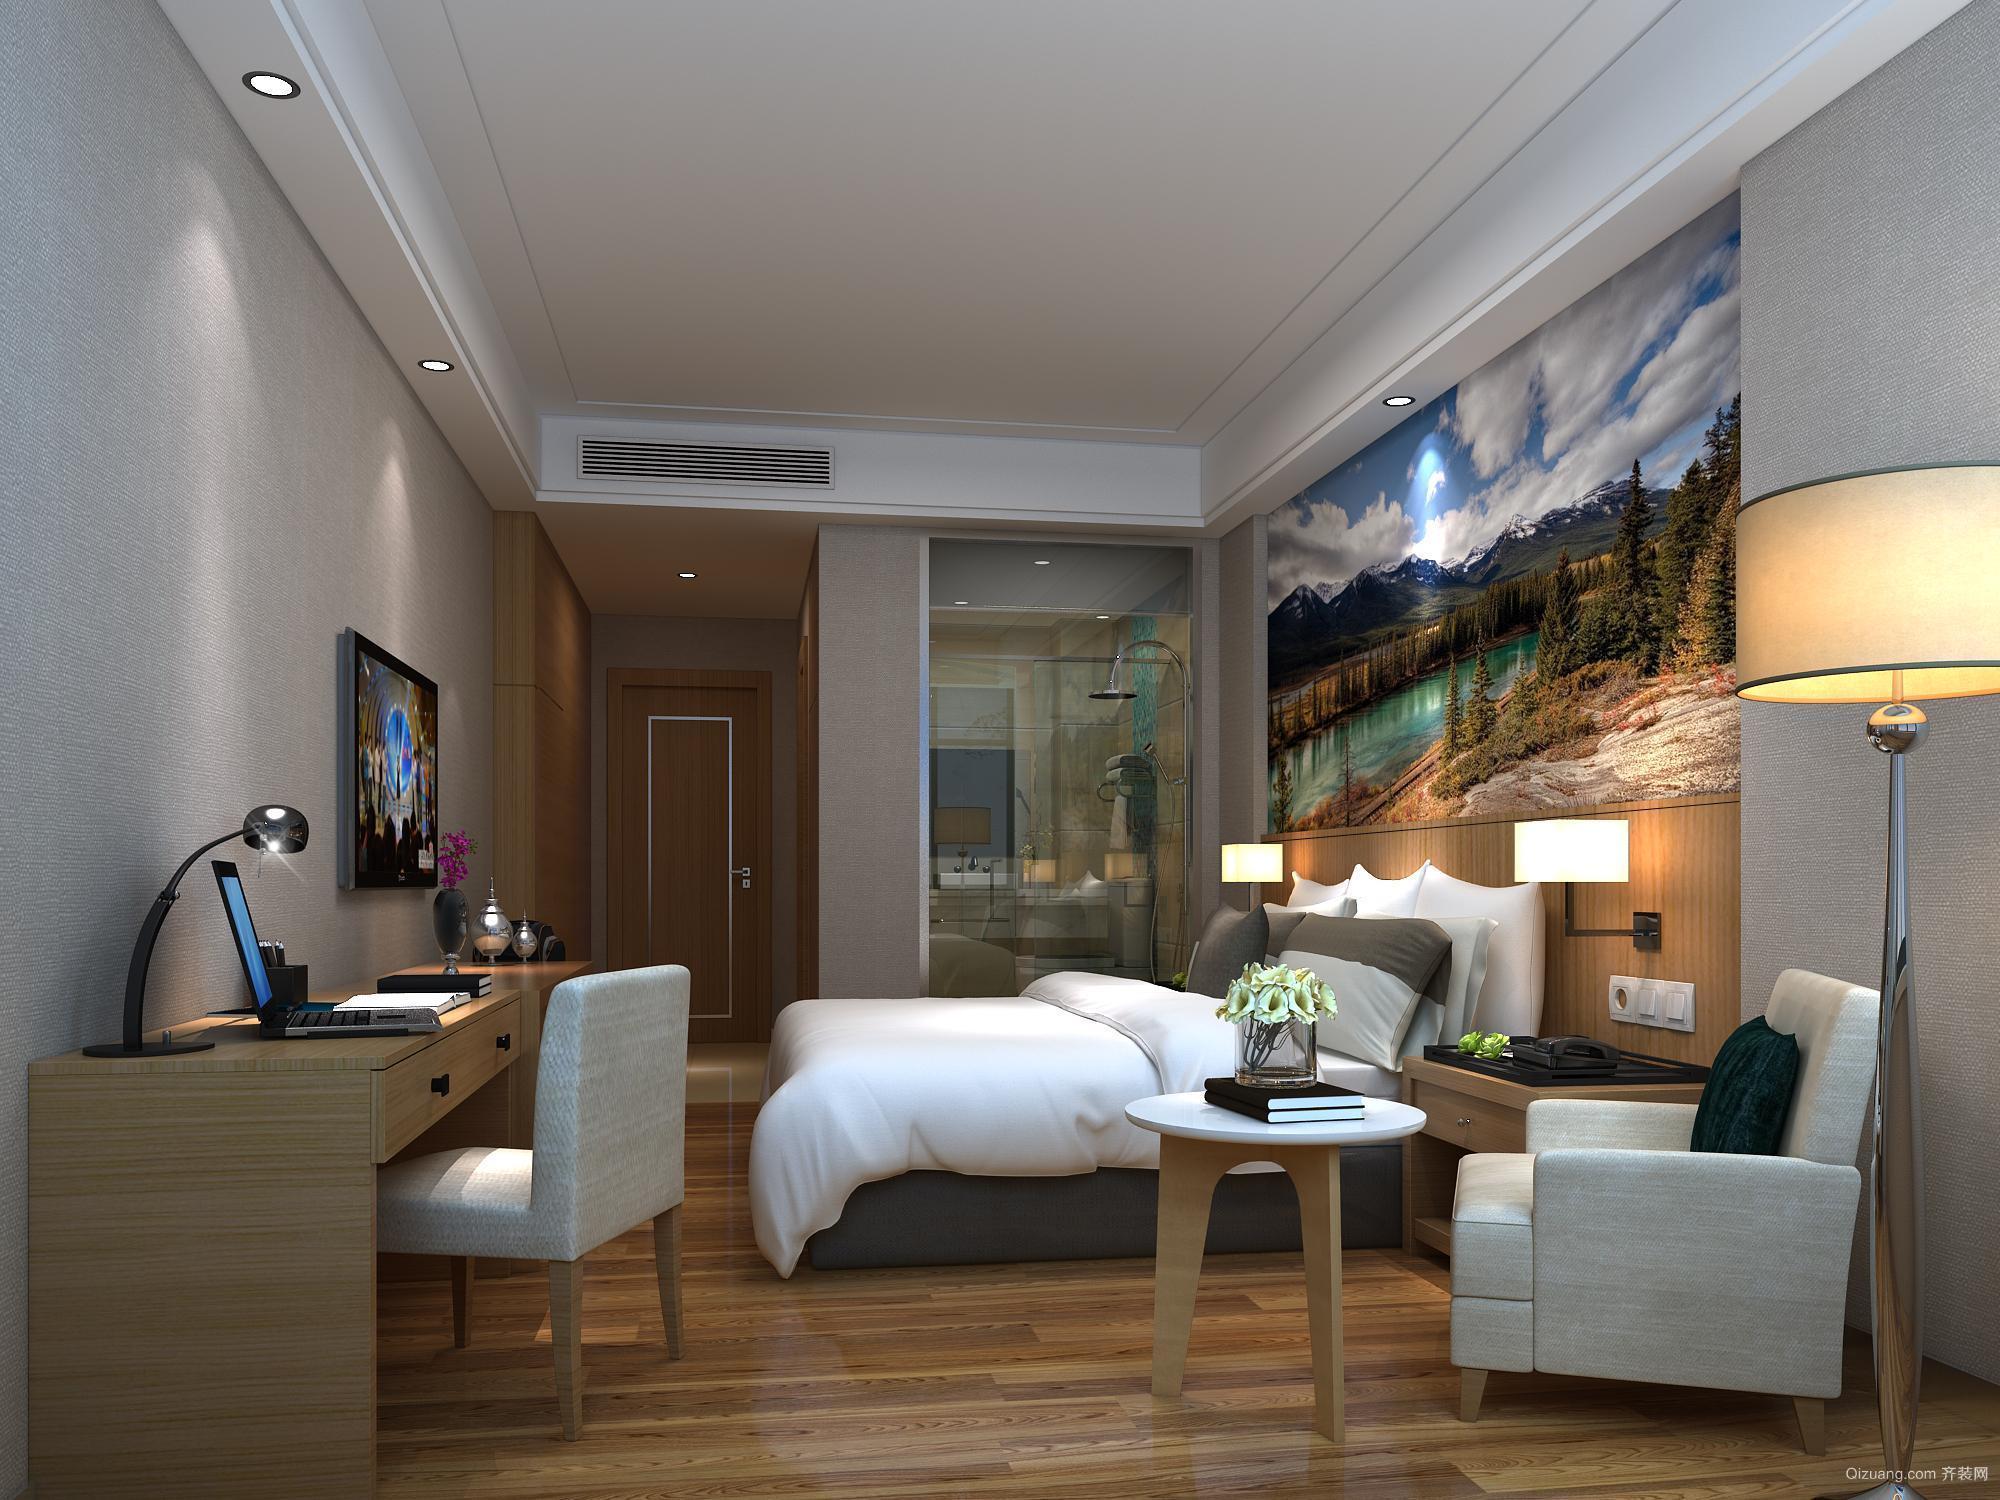 商丘精品酒店现代简约装修效果图实景图